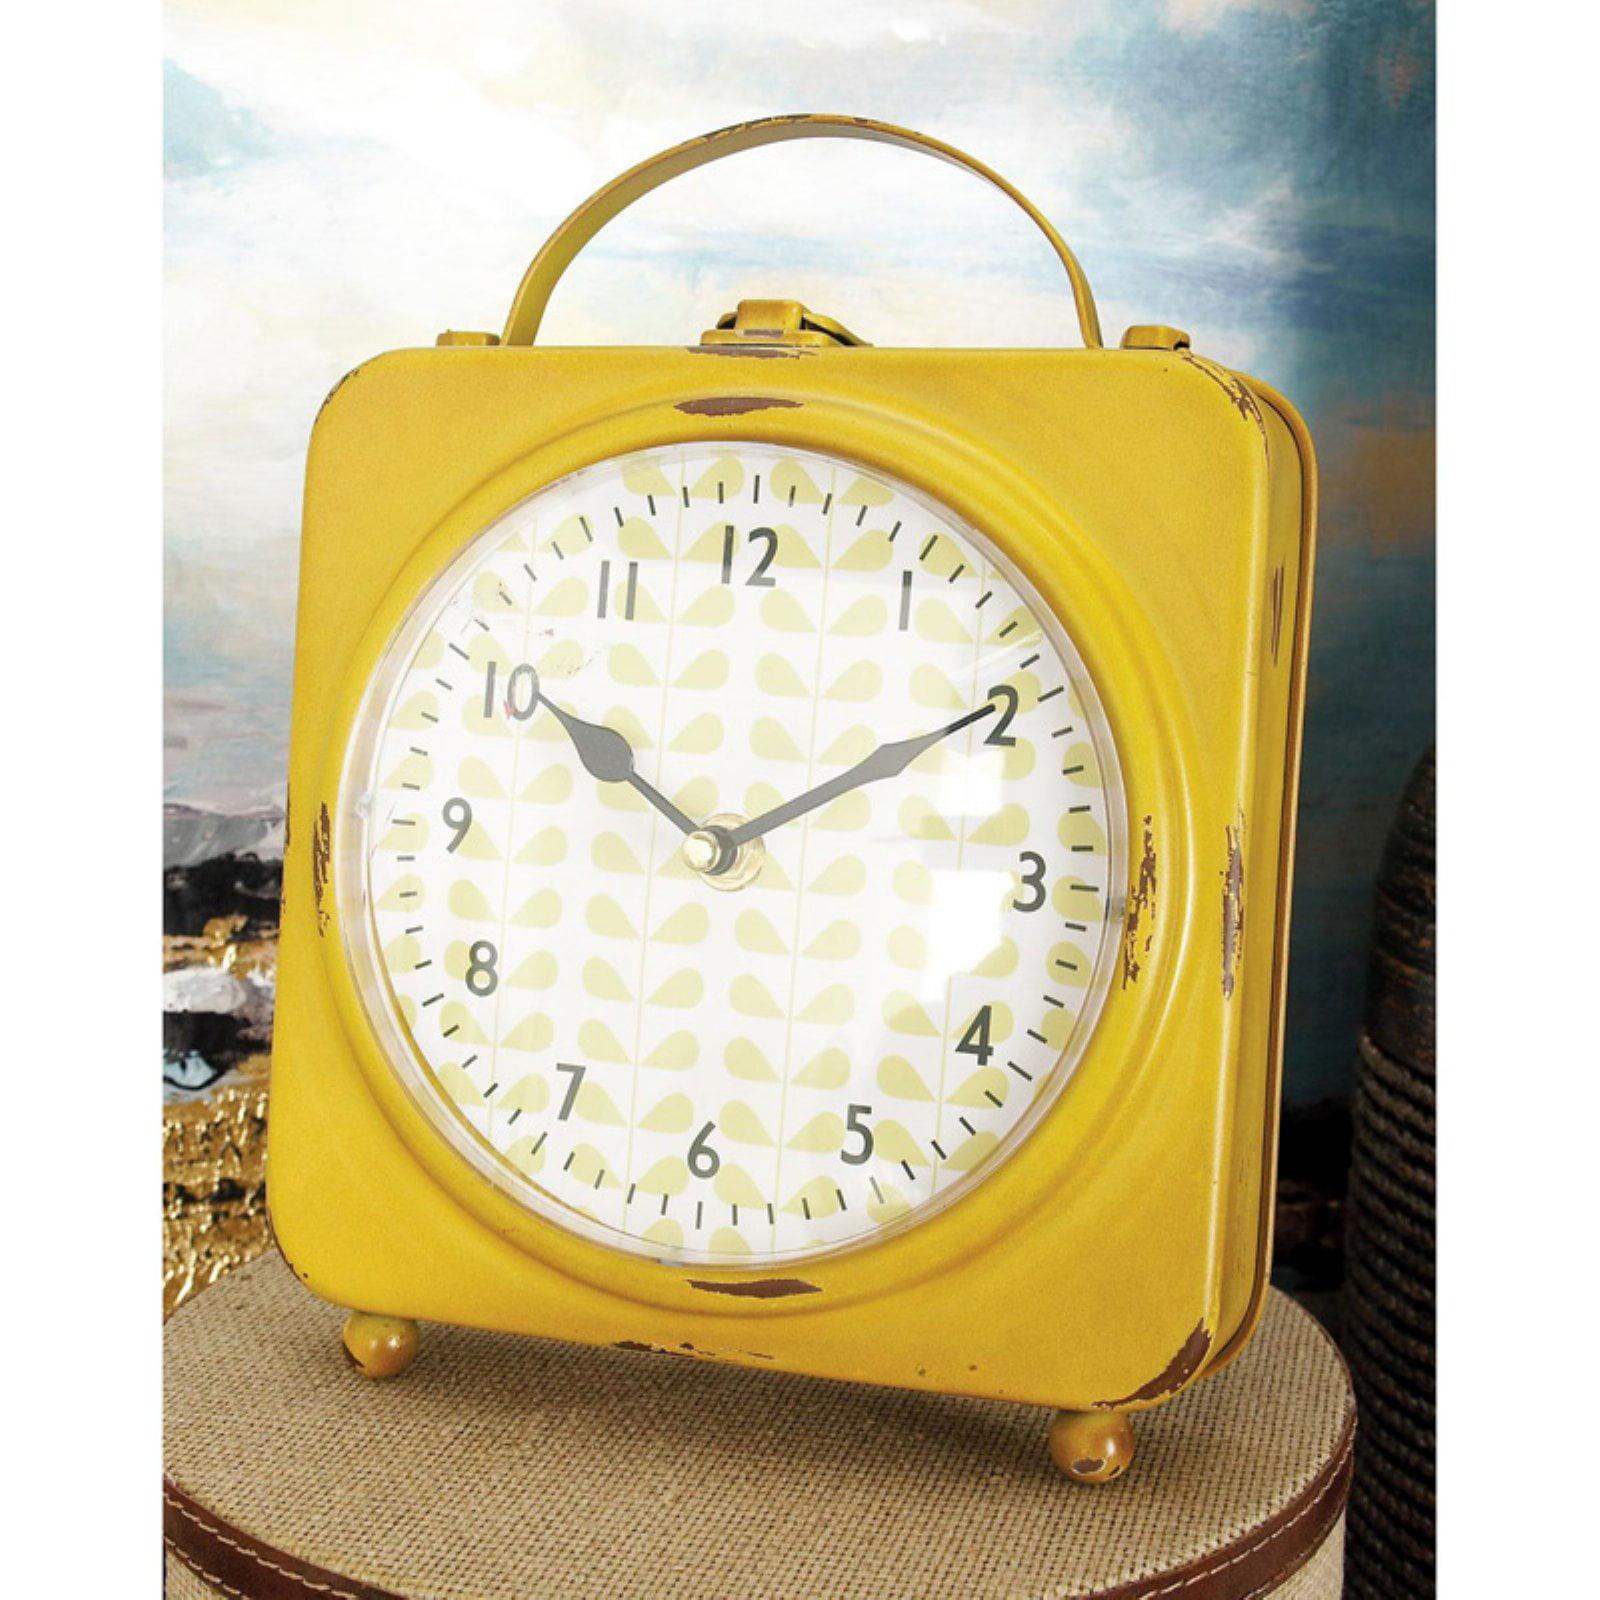 The Delightful Metal Desk Clock 4 Assorted by Benzara